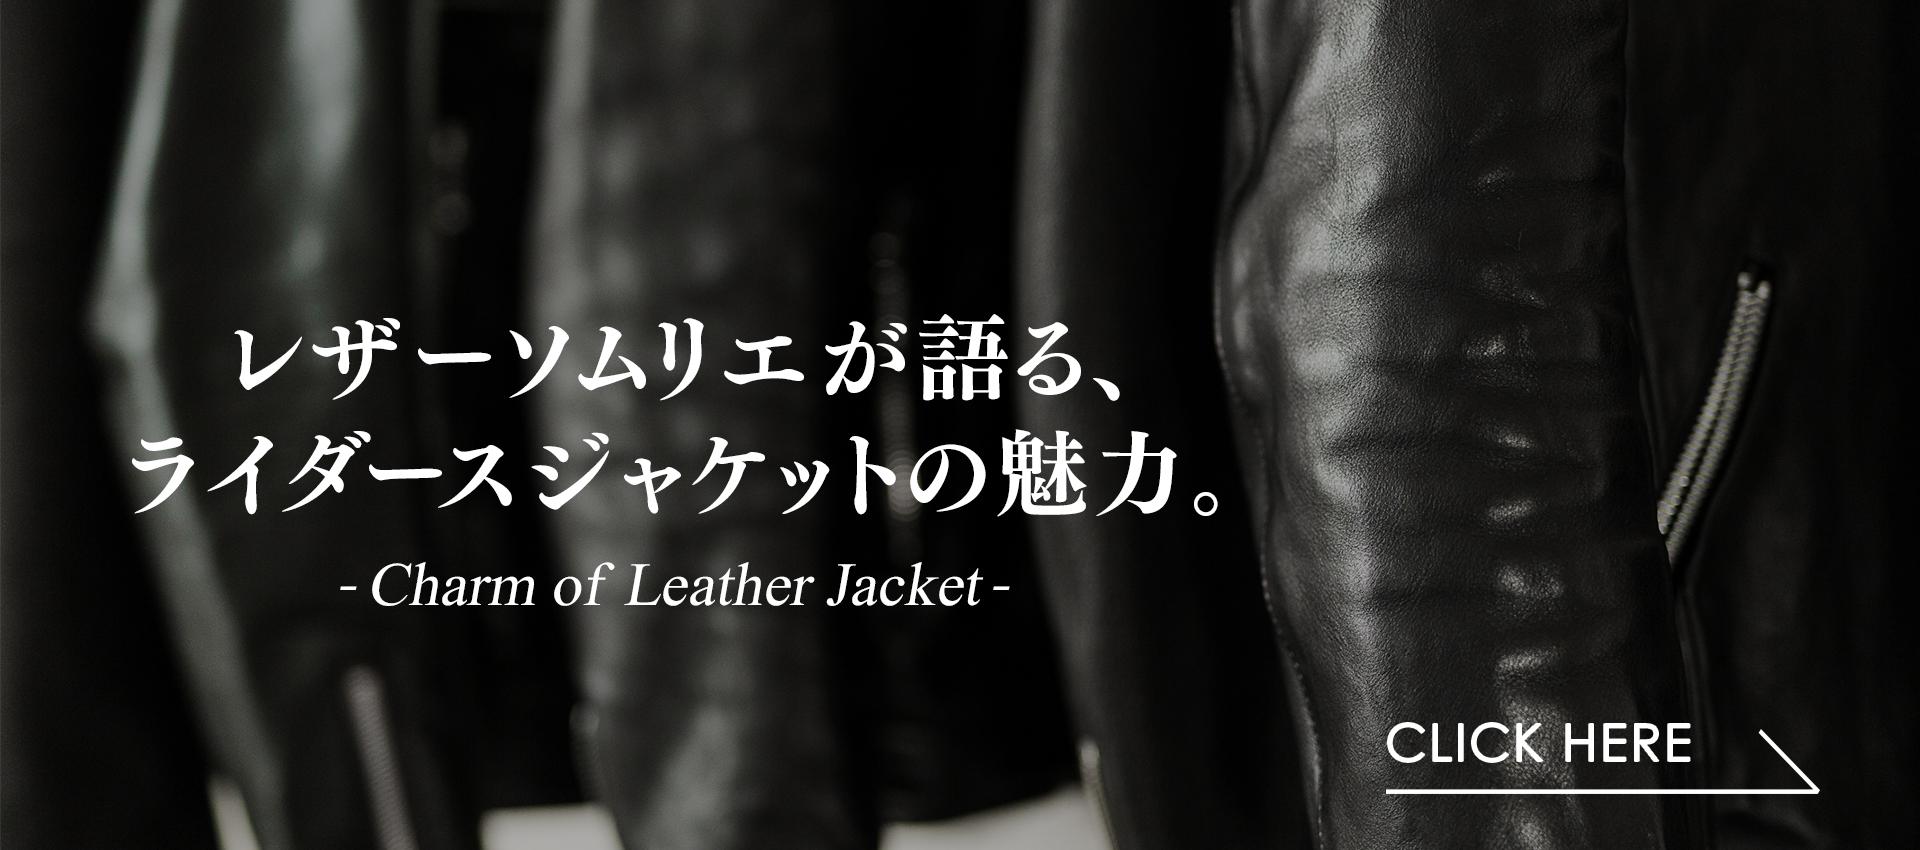 レザーソムリエが語る、レザージャケットの魅力